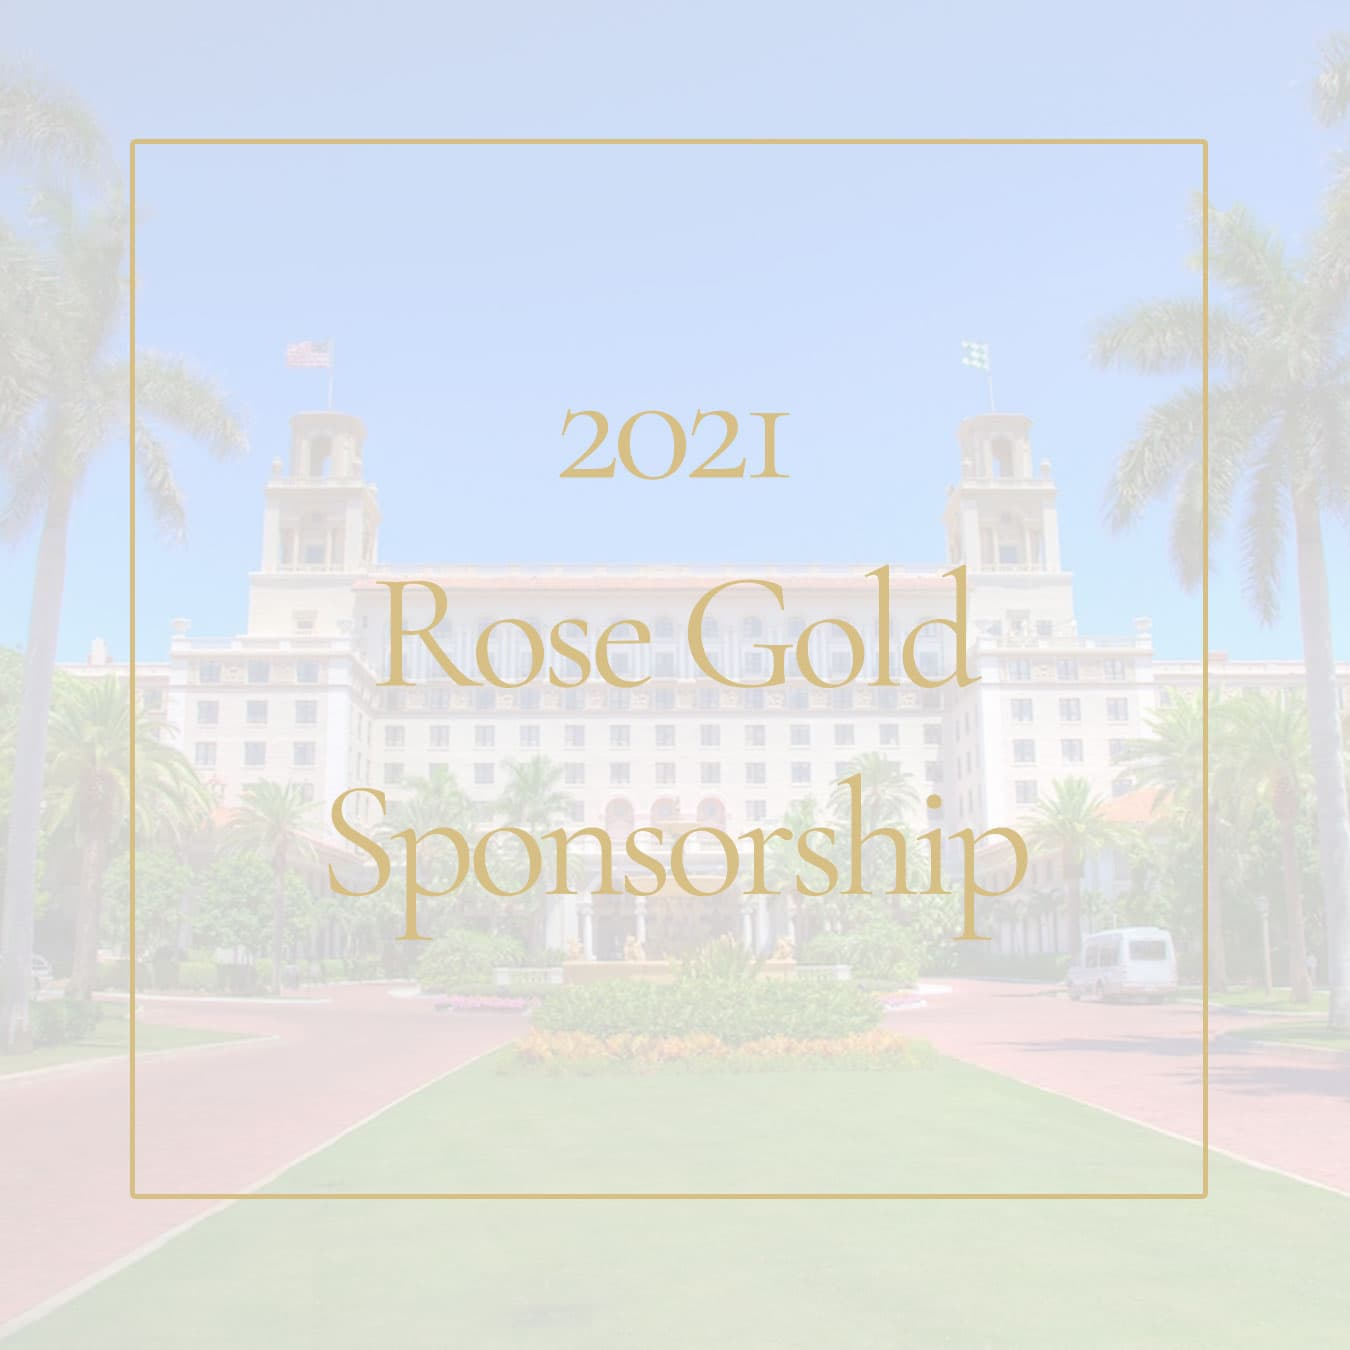 2021-rose-gold-sponsorship-gala-selfless-love-foundation